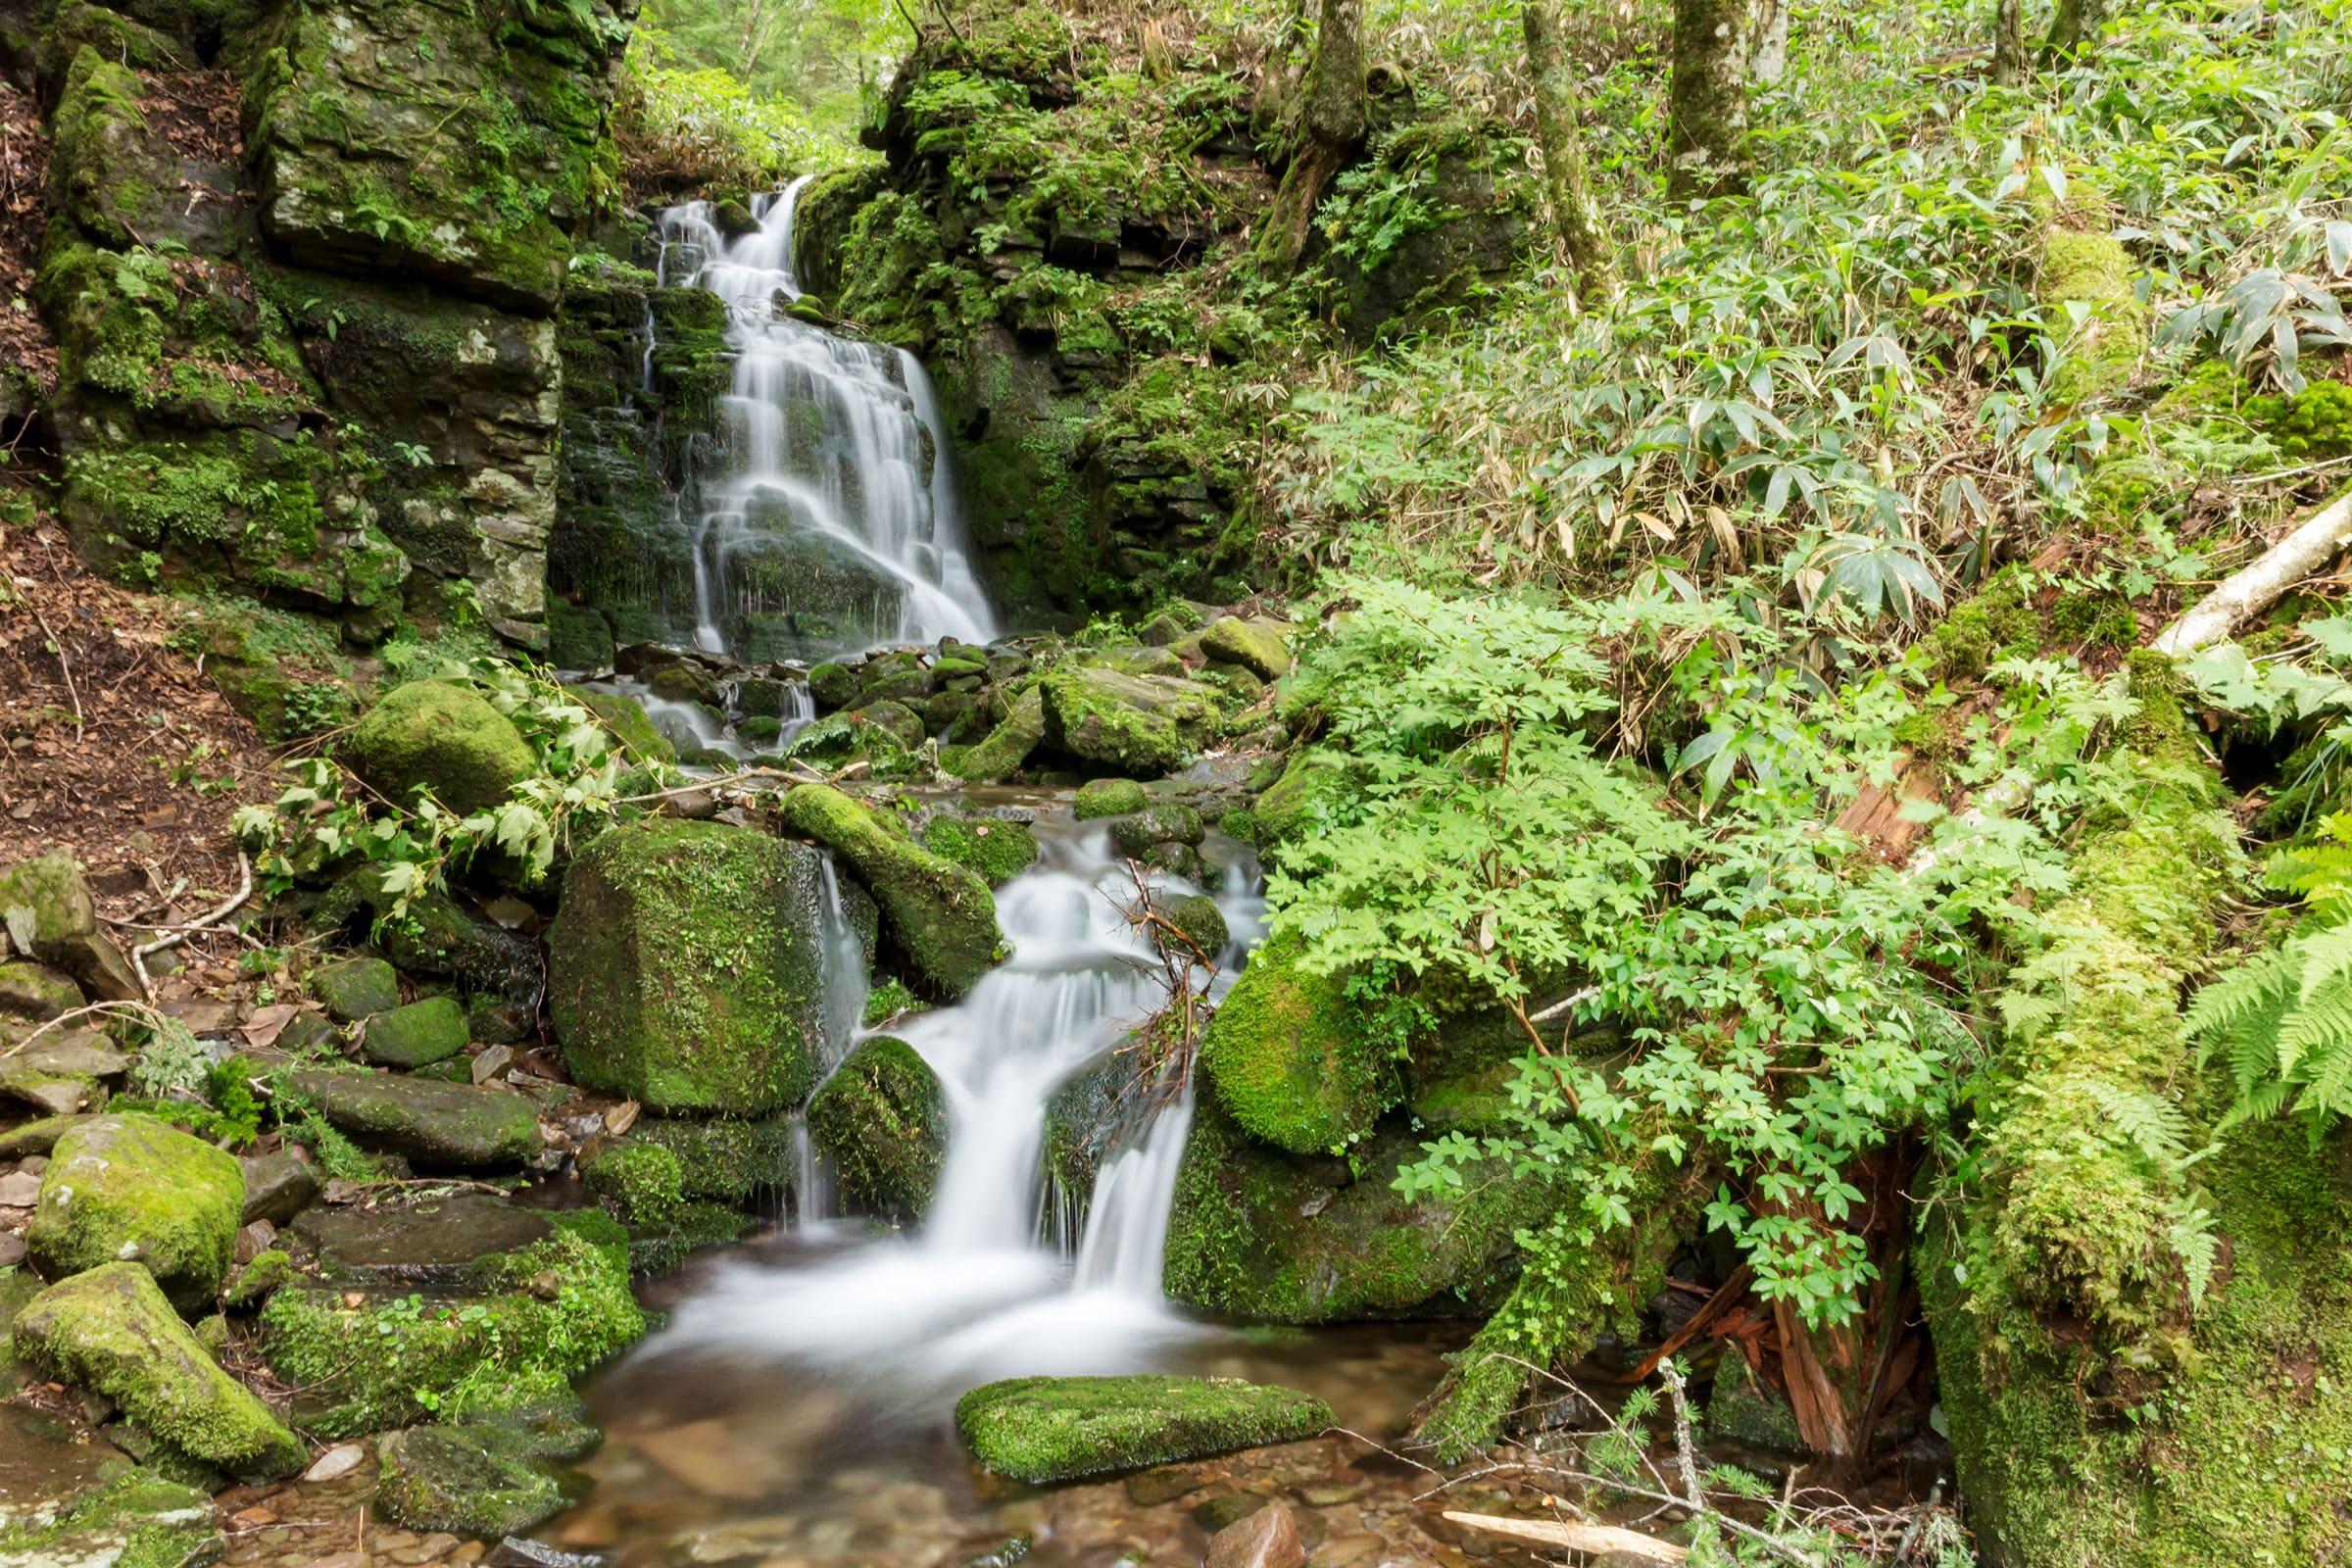 蓼科山の広大な自然に囲まれた御泉水自然園にある蓼仙の滝